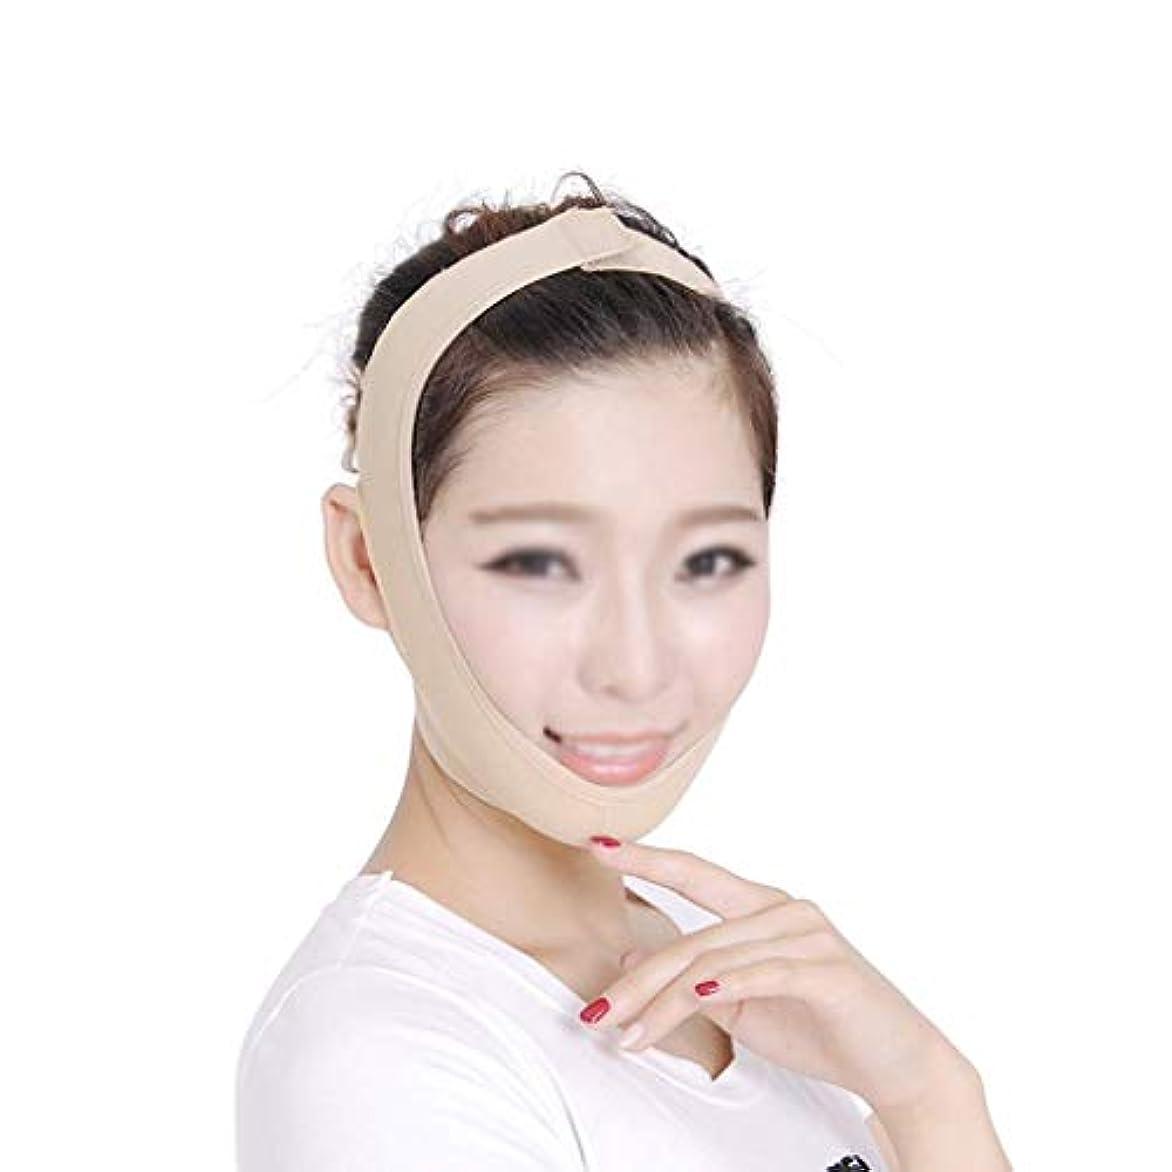 疑わしい有毒計器フェイシャル減量マスクリフティングフェイス、フェイスマスク、減量包帯を除去するためのダブルチン、フェイシャルリフティング包帯、ダブルチンを減らすためのリフティングベルト(カラー:ブラック、サイズ:M),イエローピンク、S